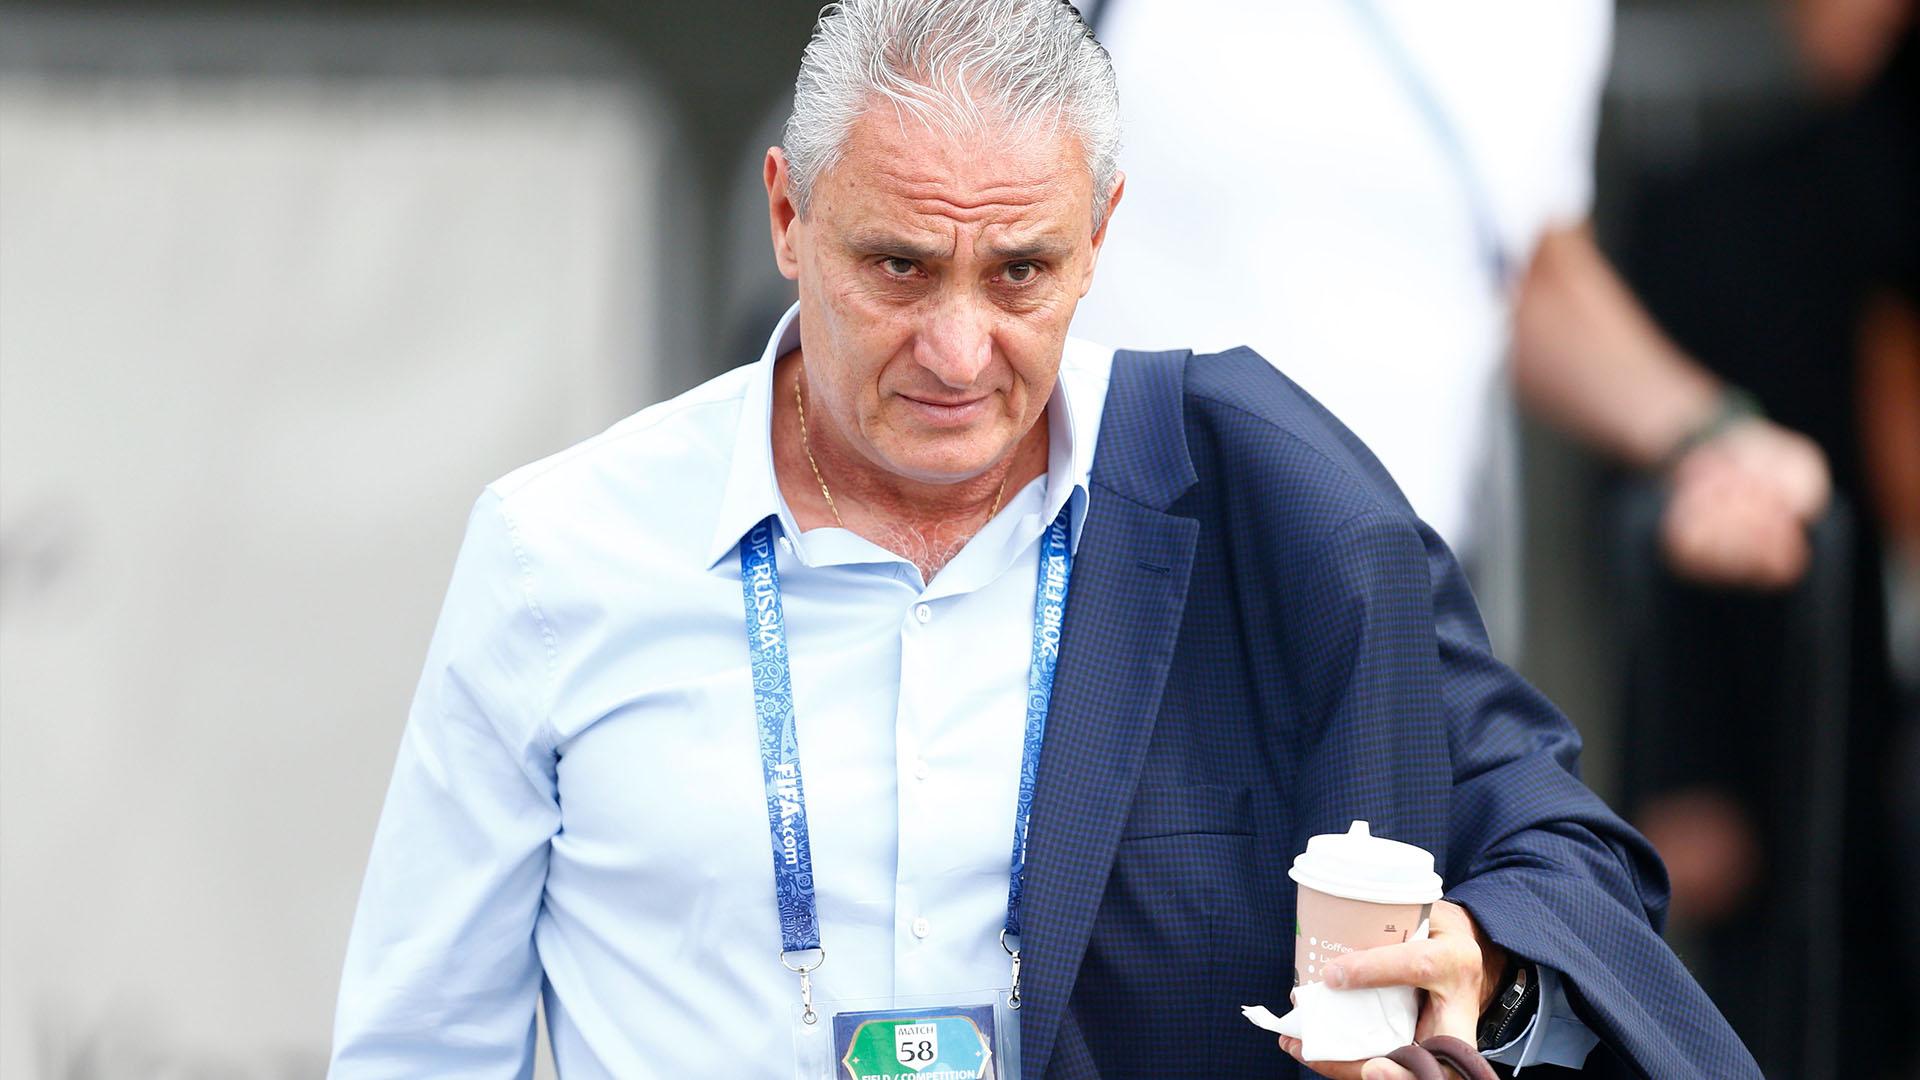 Tite Brasil saída jogadores hotel após eliminação Copa do Mundo 07 07 18